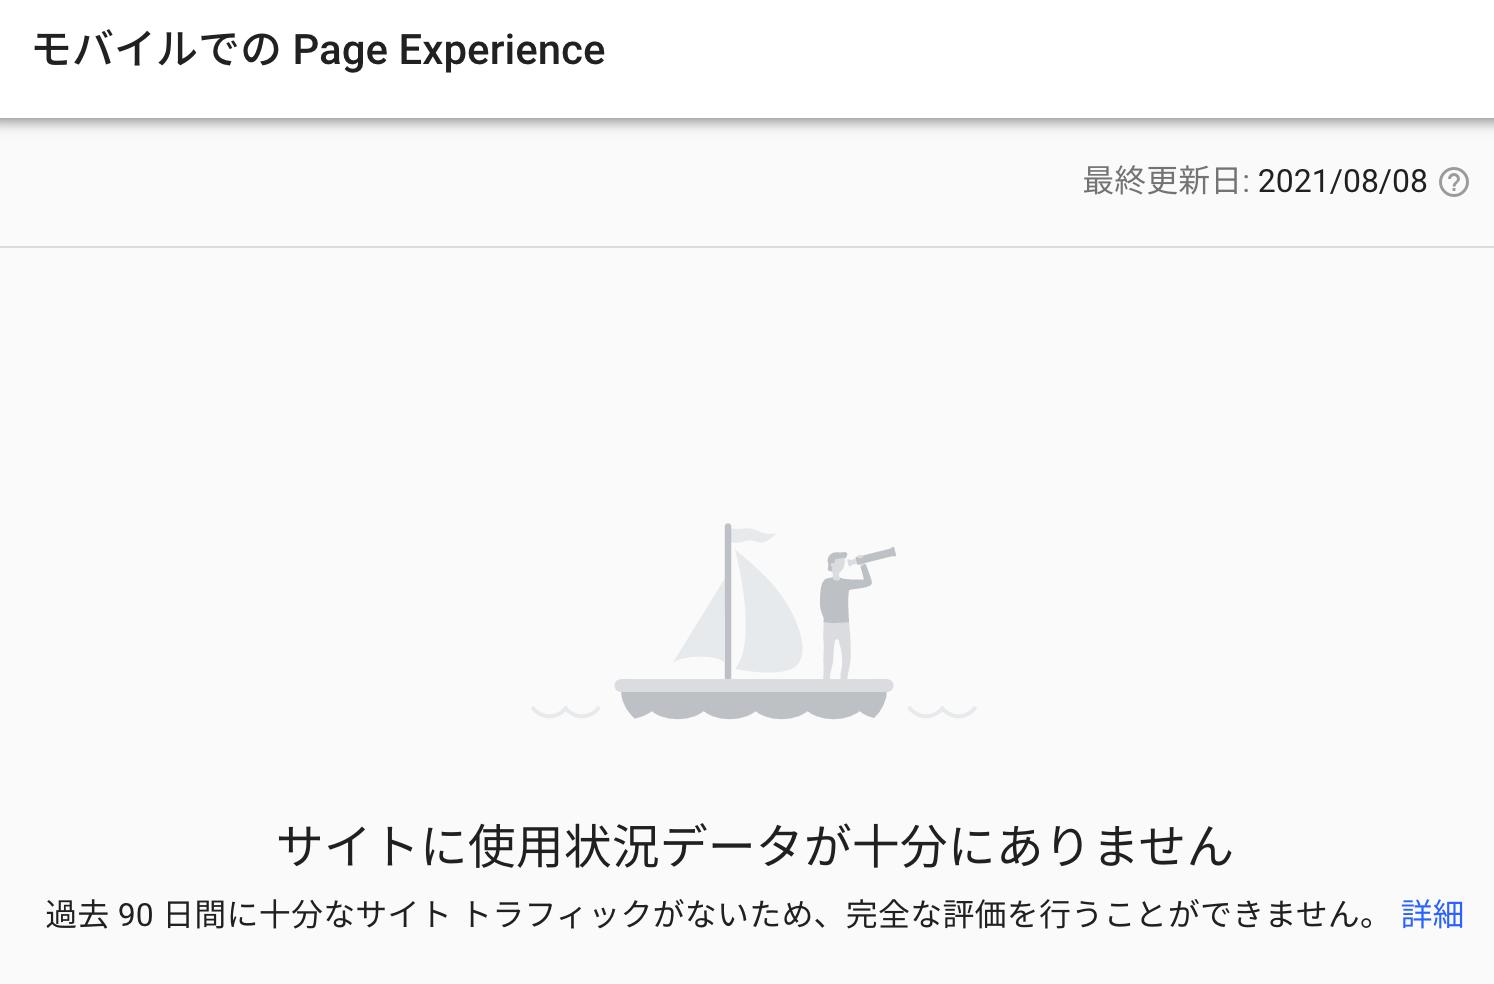 サイトに使用状況データが十分にありません。過去 90 日間に十分なサイト トラフィックがないため、完全な評価を行うことができません。